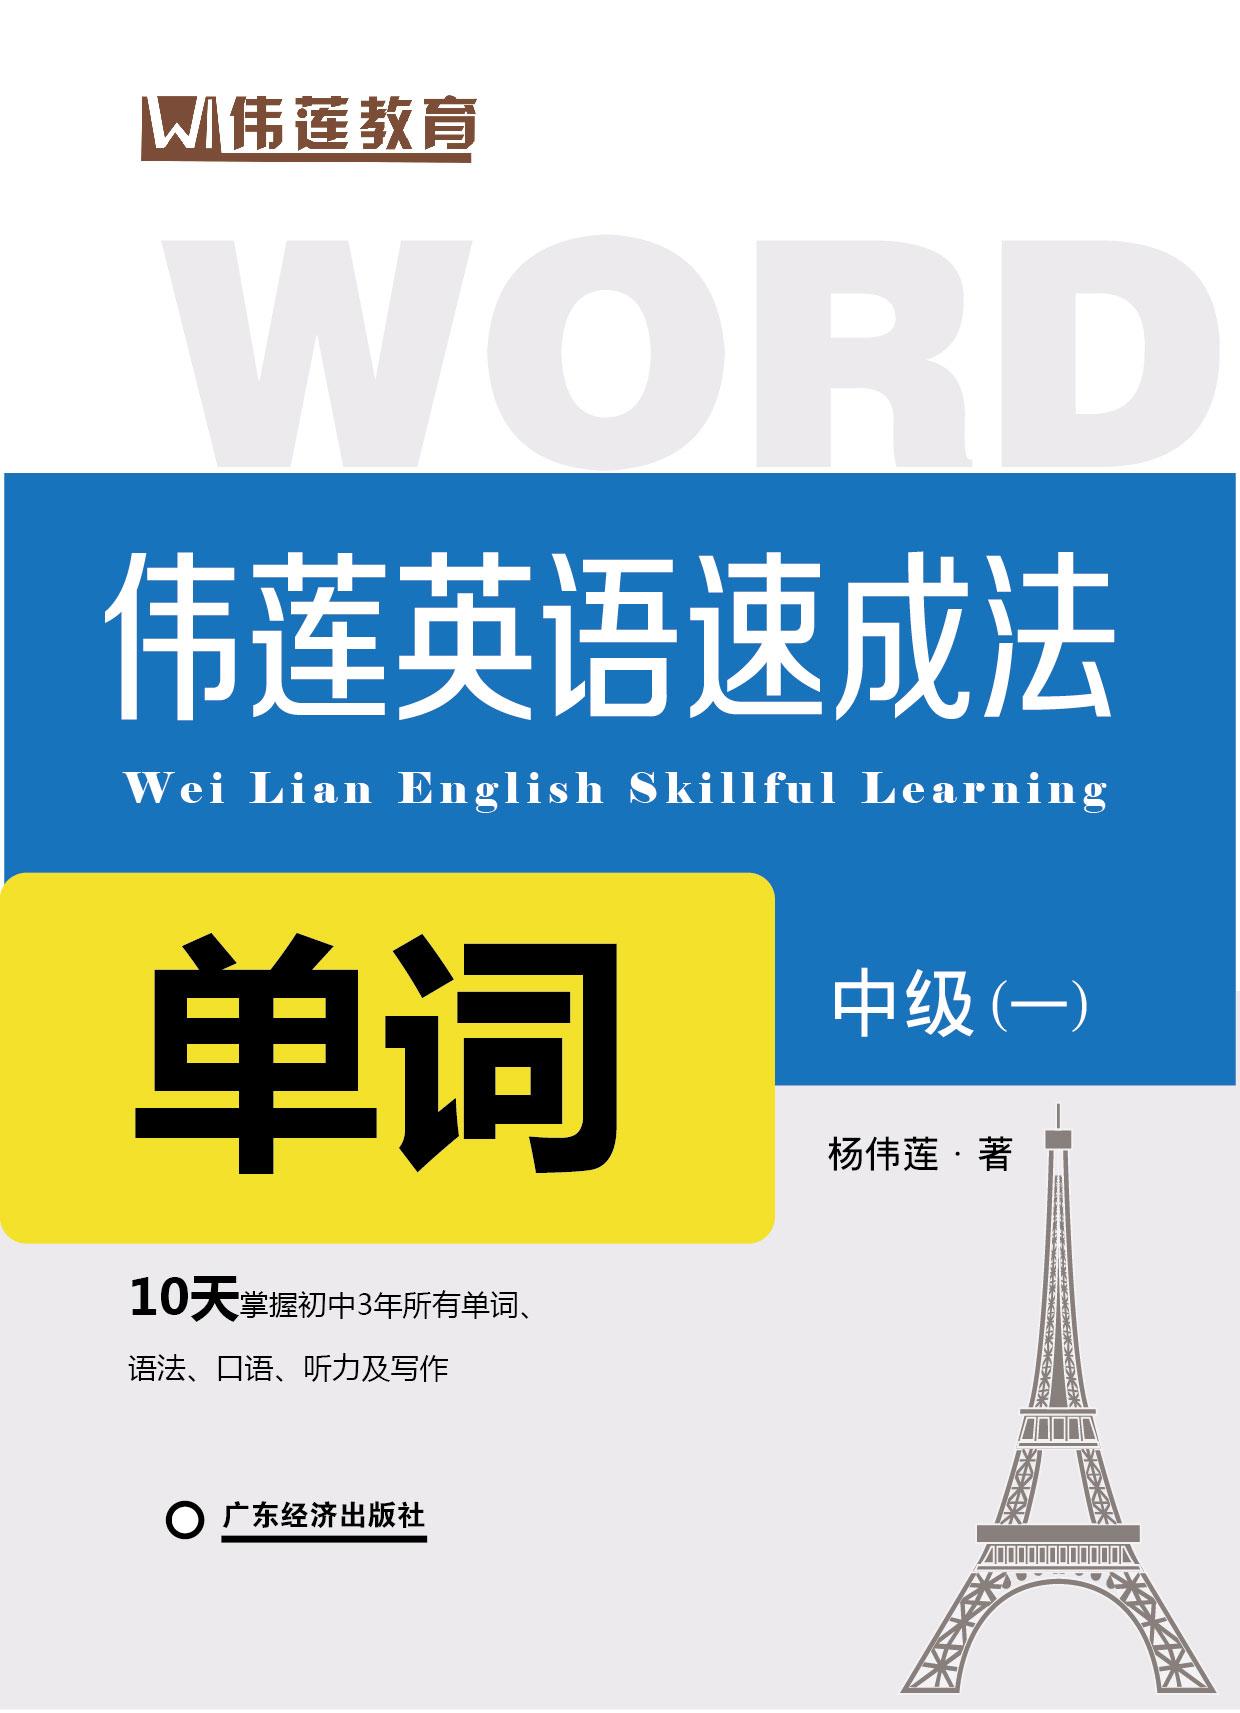 初一、二语法、单词班